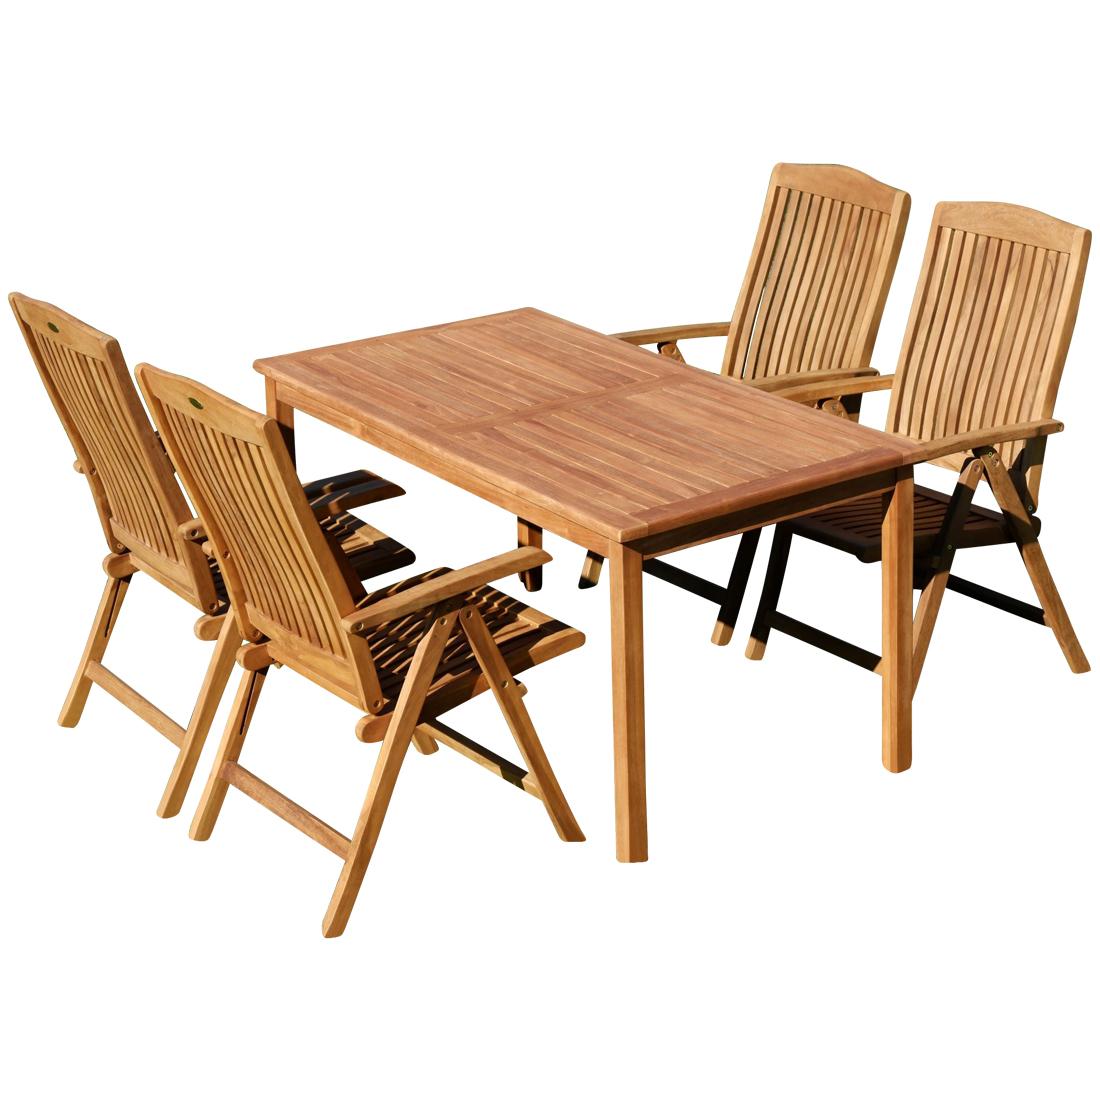 Tisch 150x80.Teak Set Gartengarnitur Alpen Tisch 150x80 Cm 4 Tobago Sessel Serie Jav